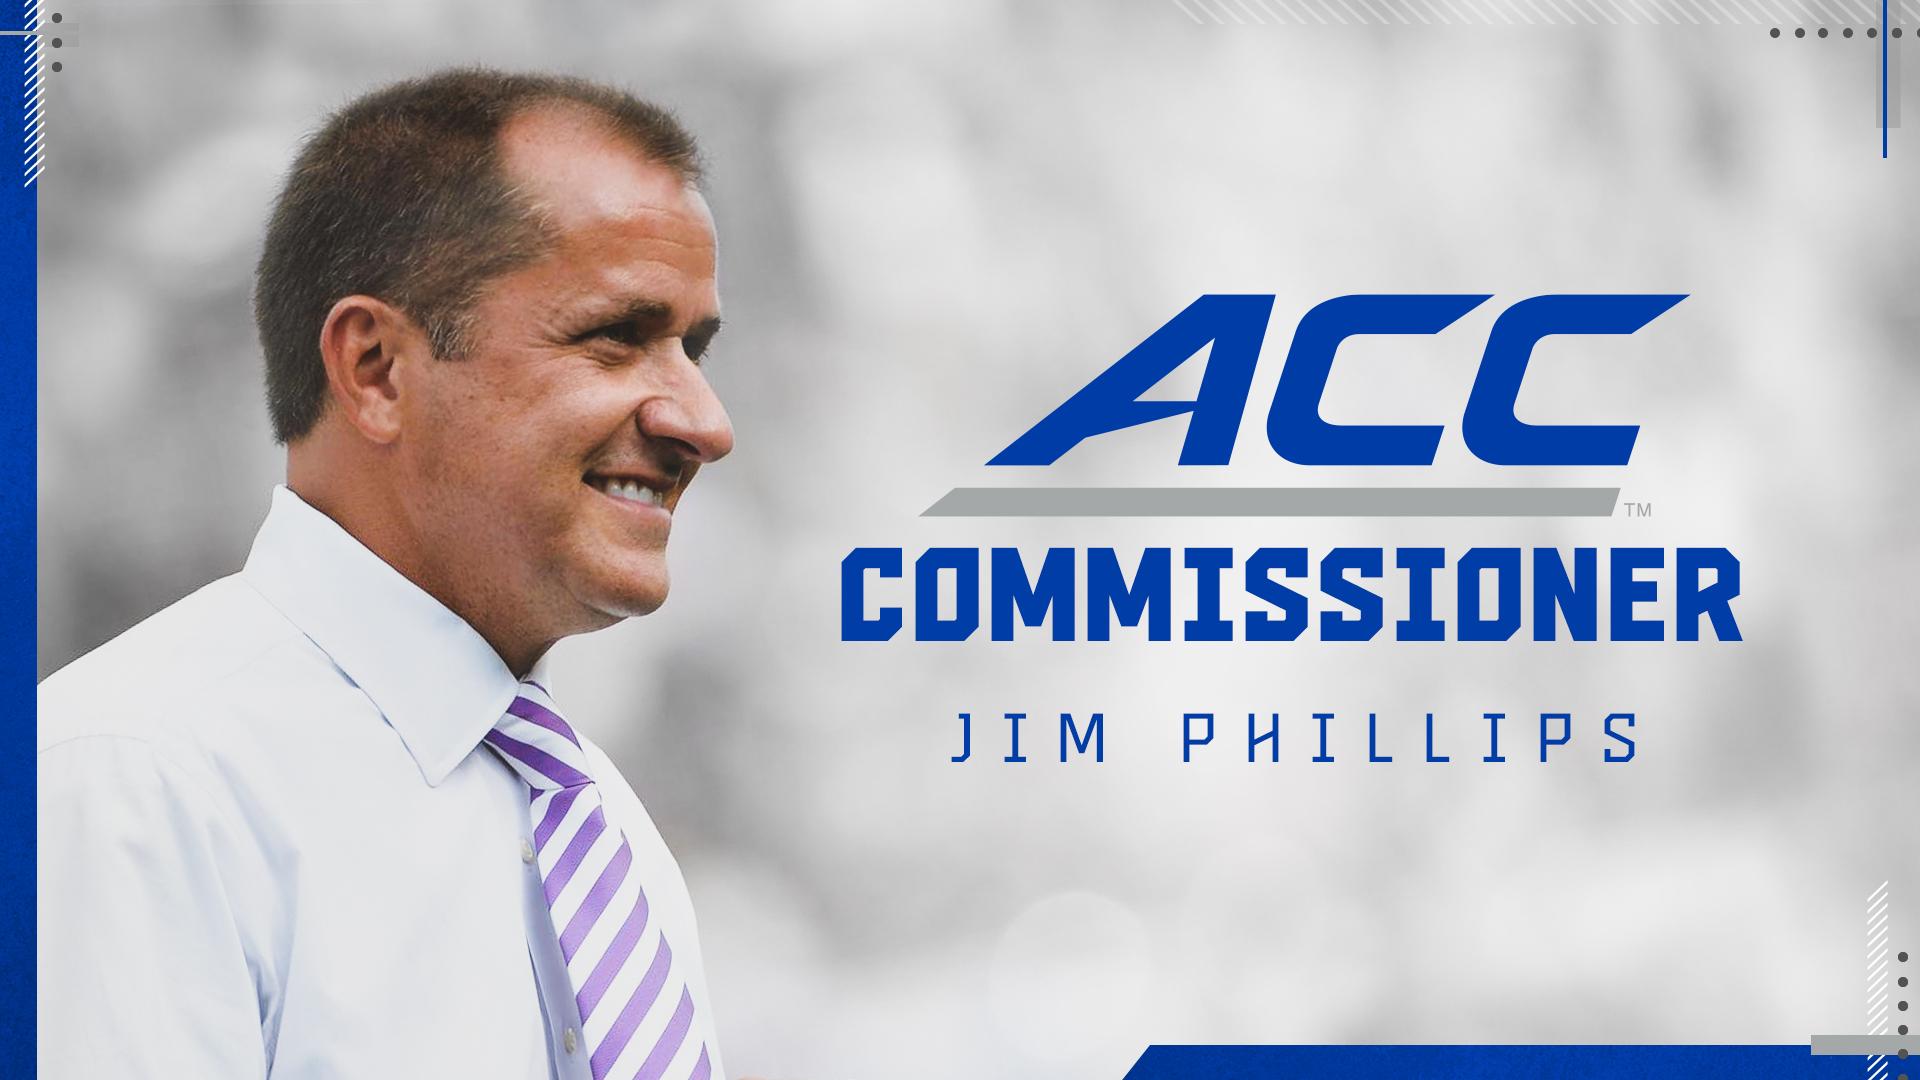 Jim Phillips, ACC